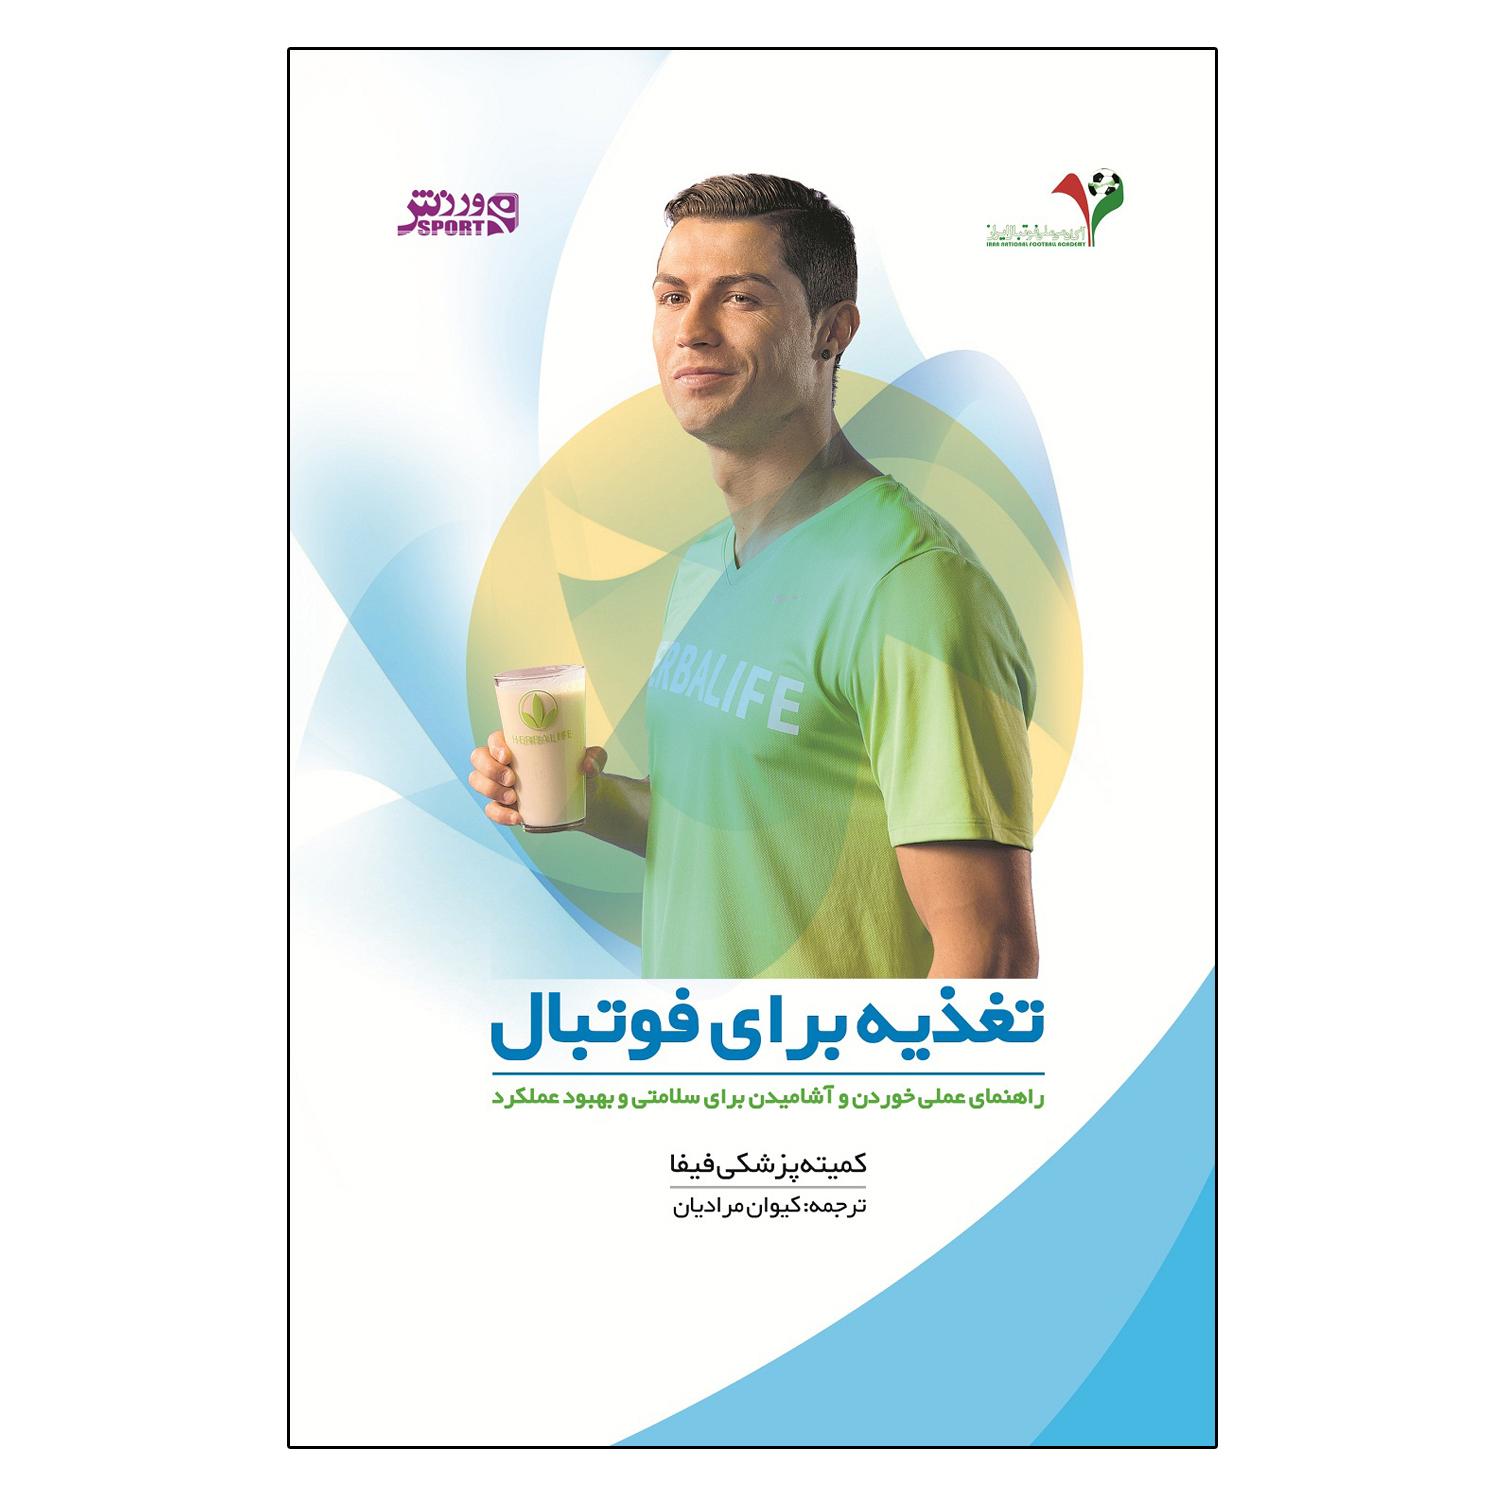 کتاب تغذیه برای فوتبال اثر کمیته پزشکی فدراسیون جهانی فوتبال فیفا انتشارات ورزش